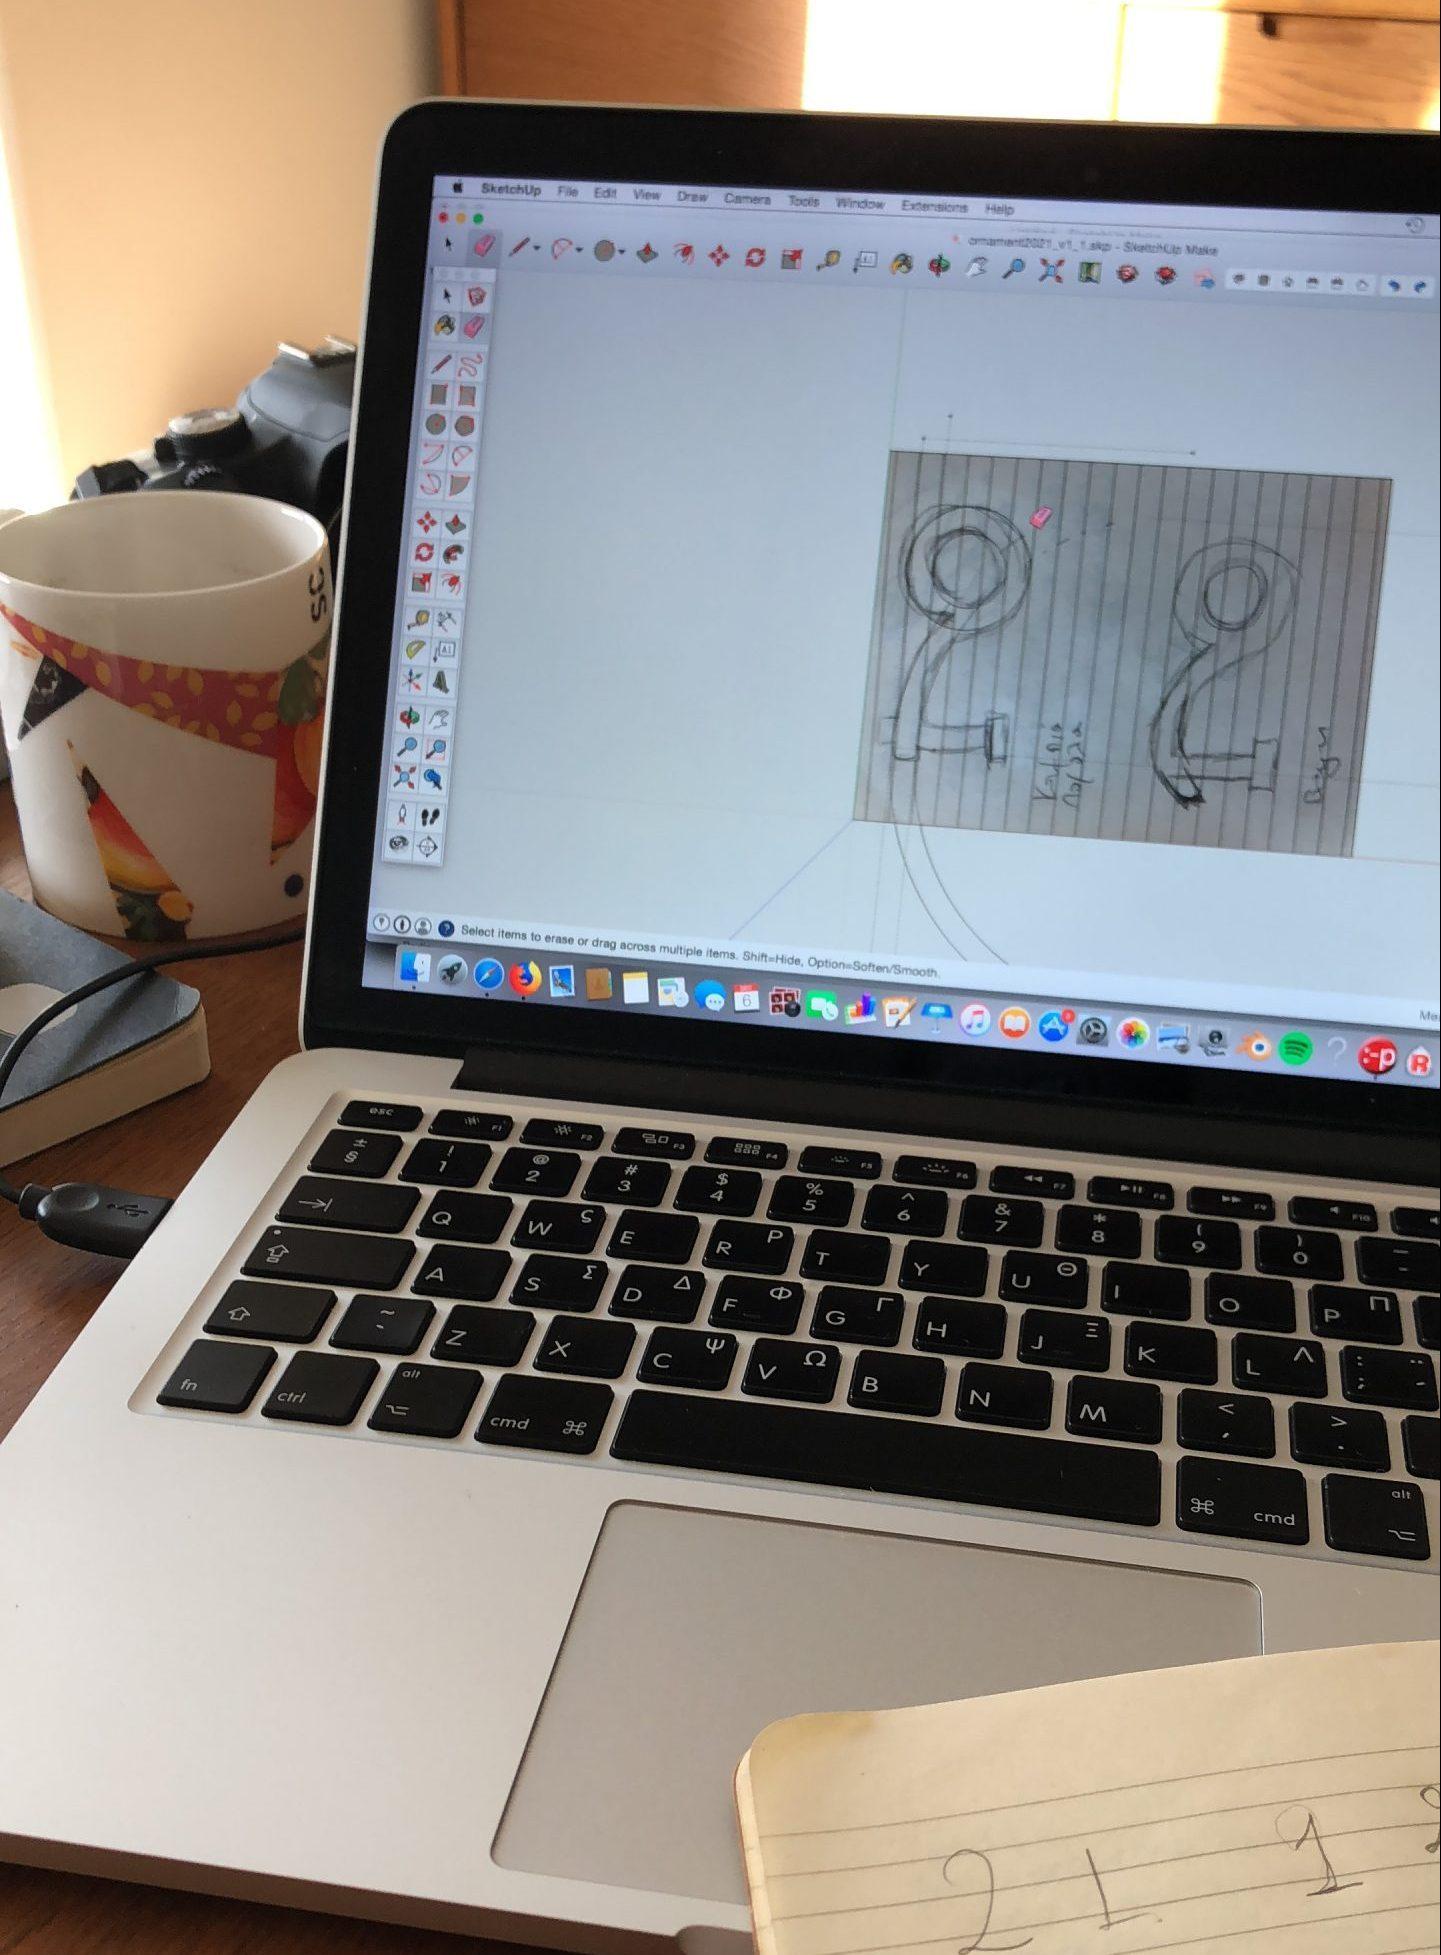 Η μαγεία των τριών διαστάσεων στην εκτύπωση:Μαρίνα Ναλμπάντη & mamuni - Τι είναι το 3d printing; Μήποως πορείς να το κάνεις... από το σπίτι;